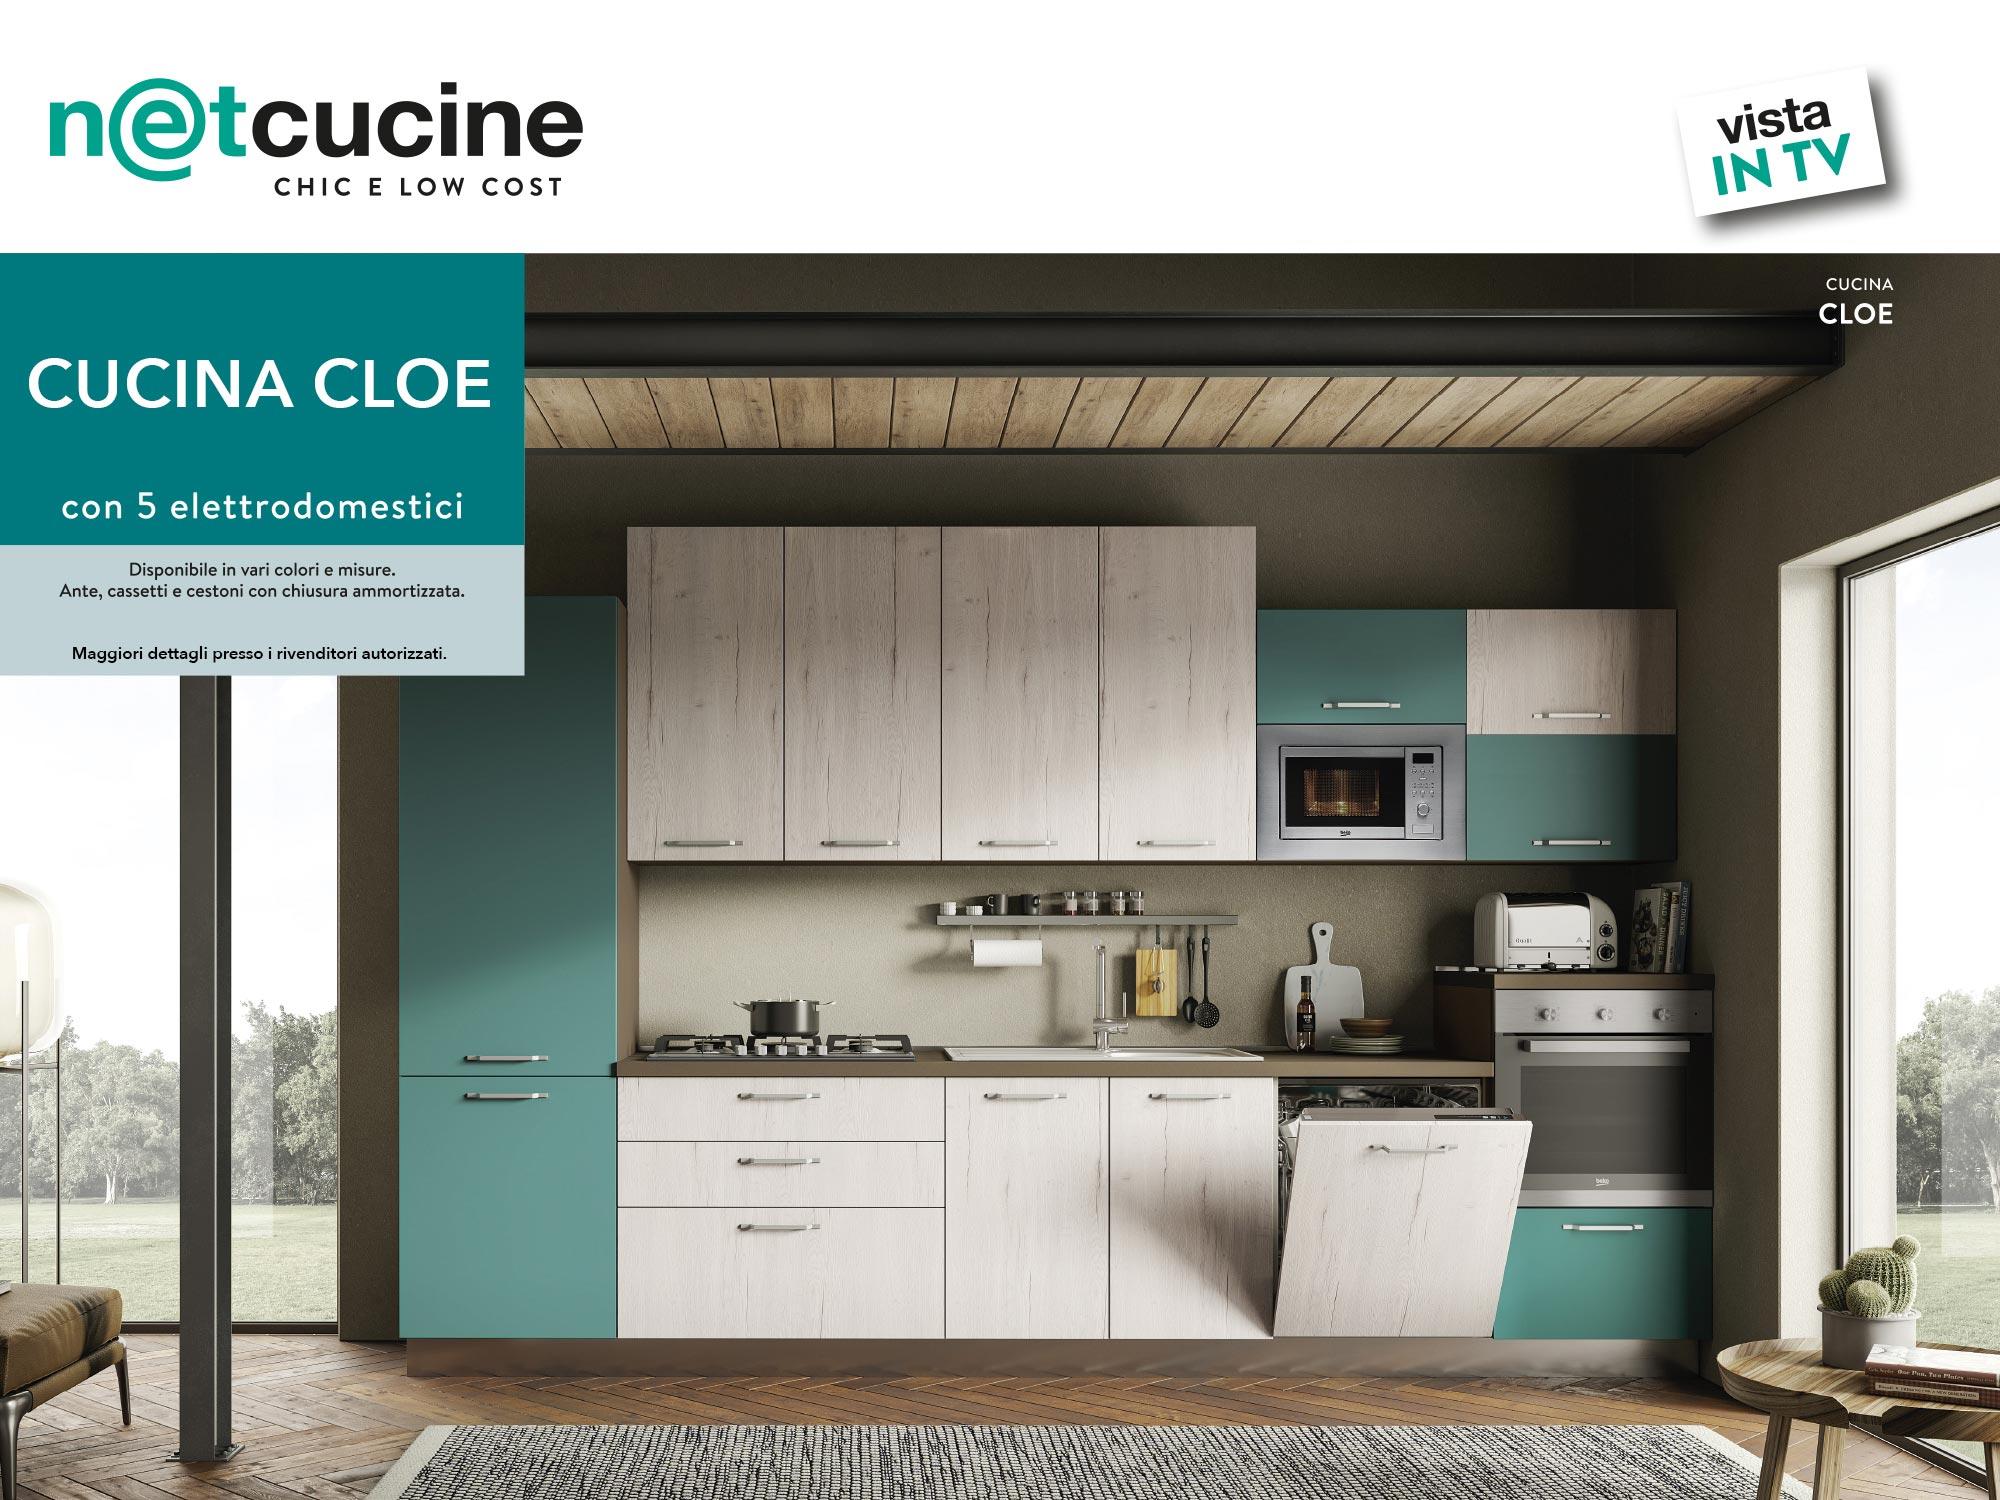 vista in TV - Cucina Cloe